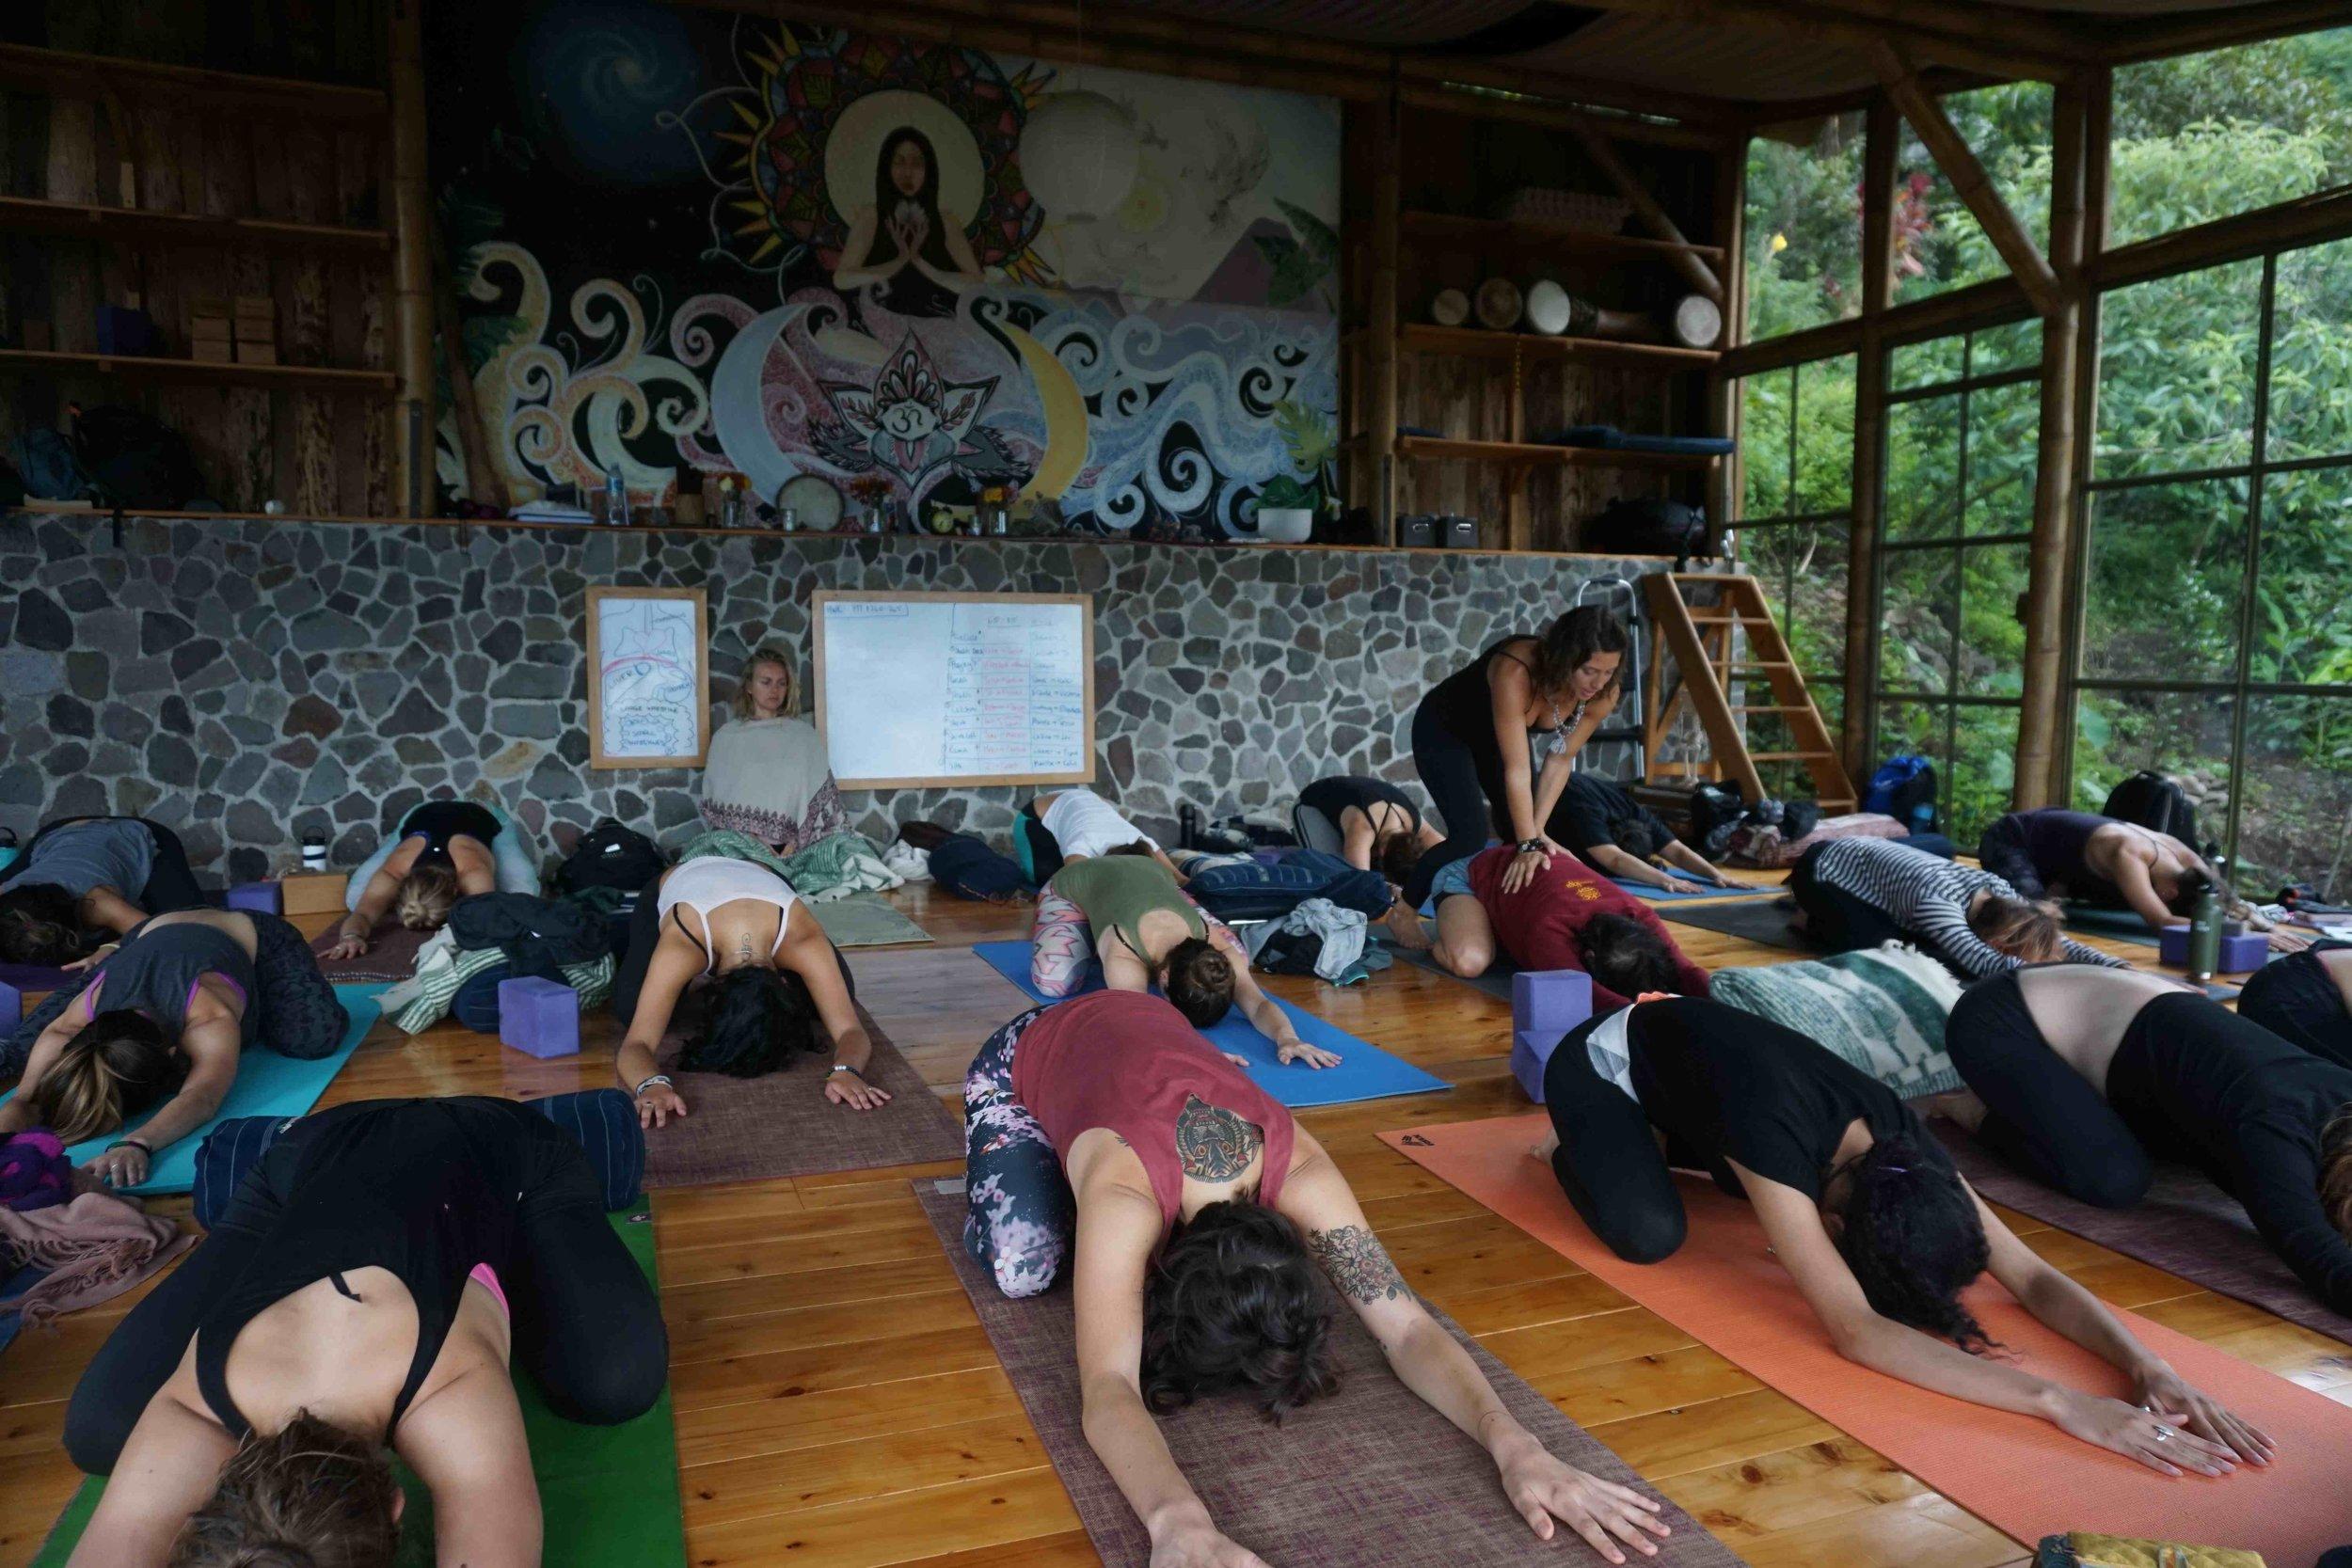 Kylie-roswell-yoga-teacher-yin-.jpg